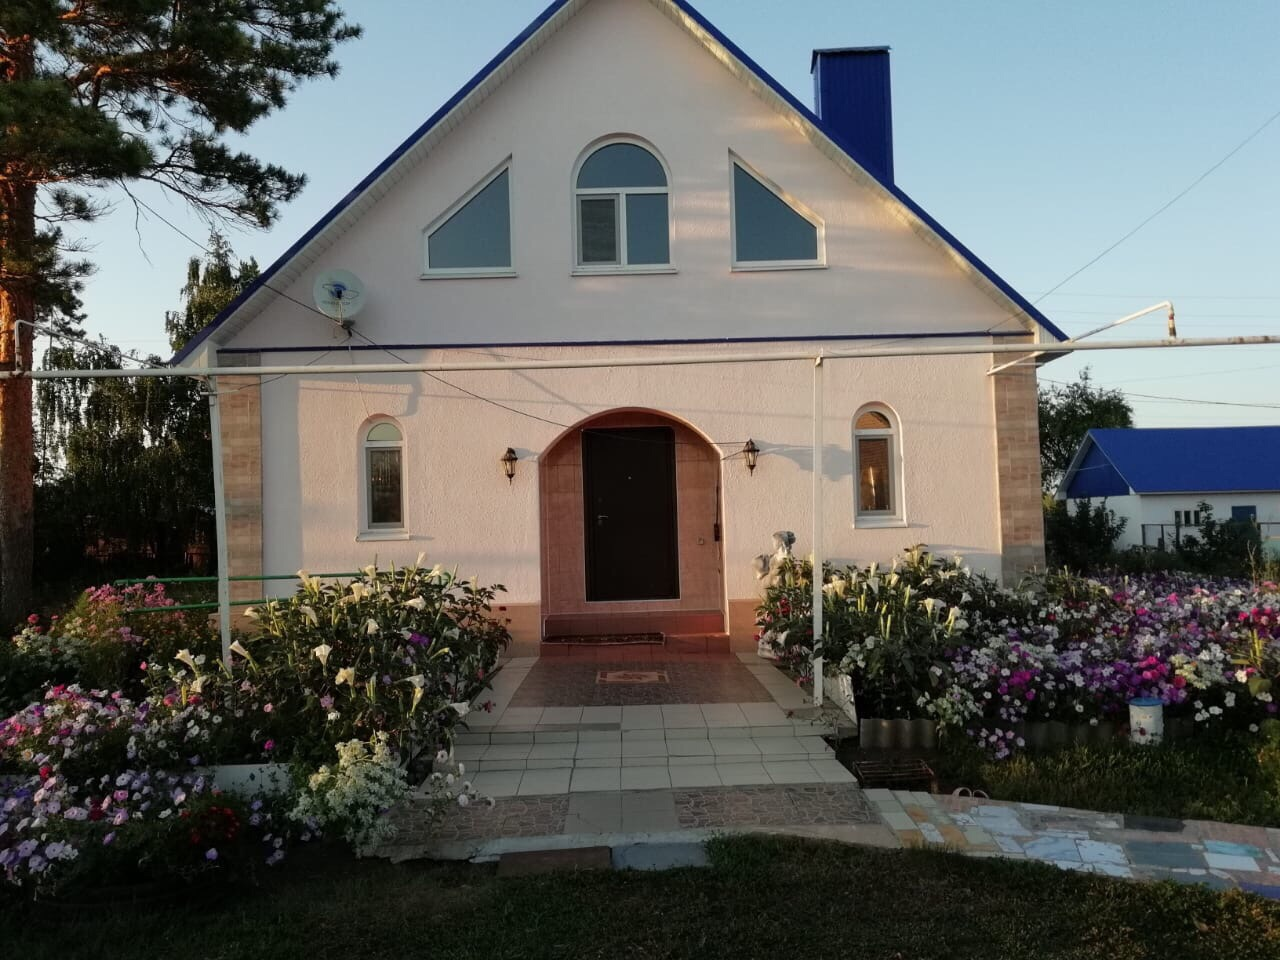 Продаю дома 2-х этажный 198 кВм,теплые | Объявления Орска и Новотроицка №1866